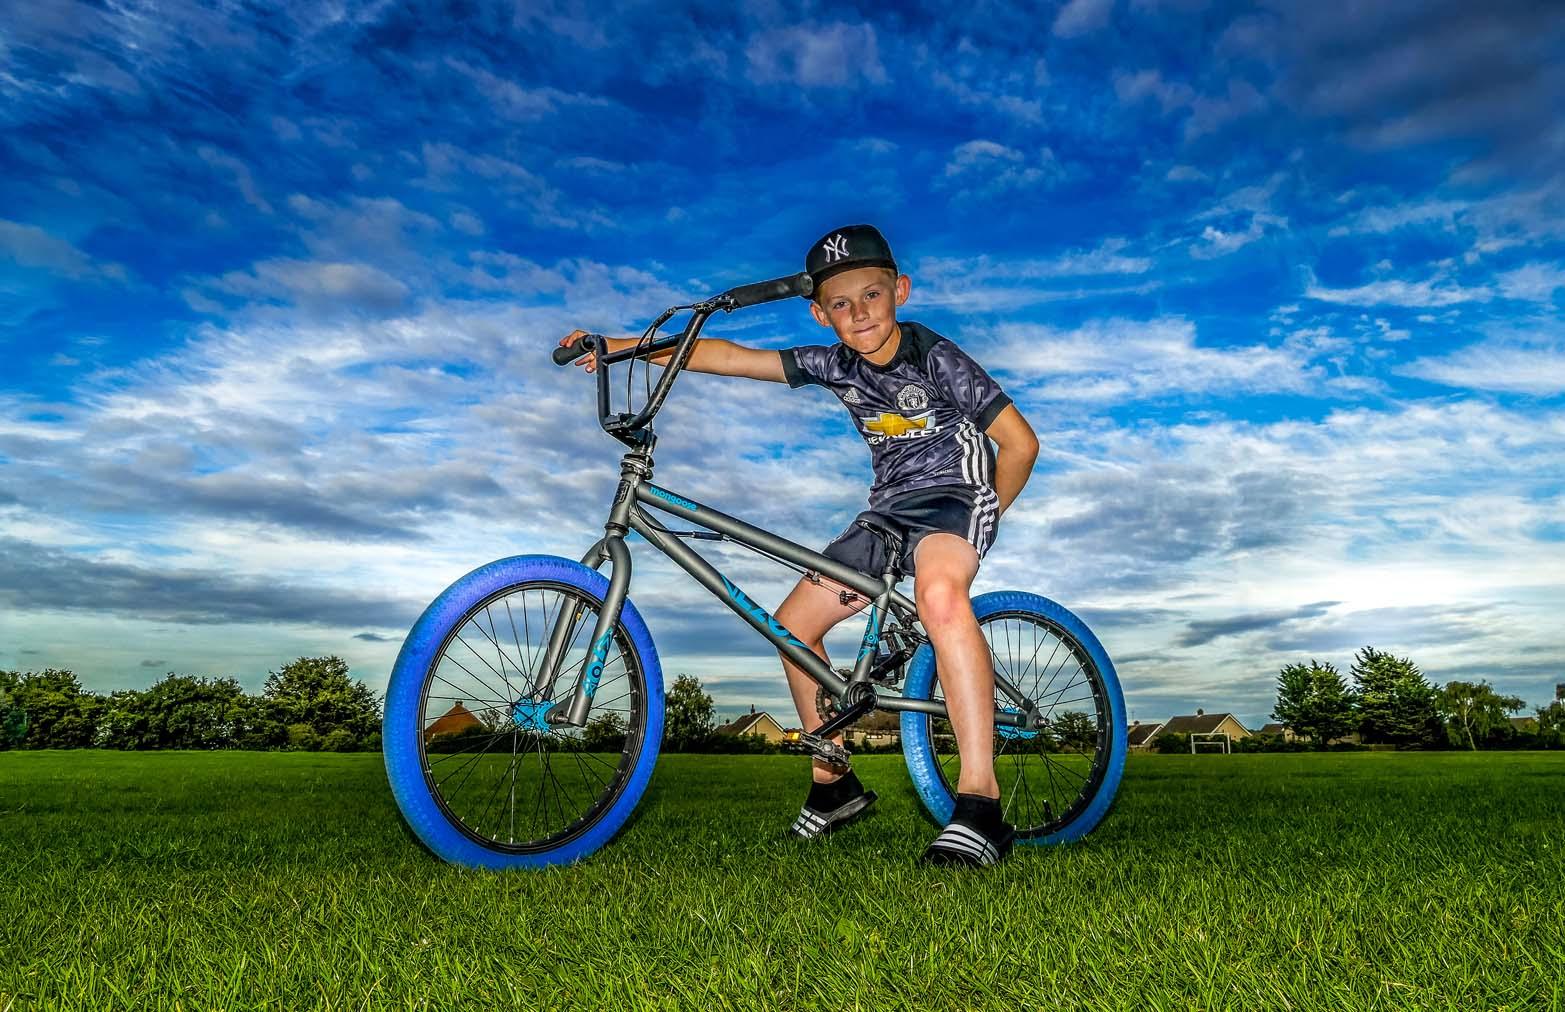 boy on bike.jpg